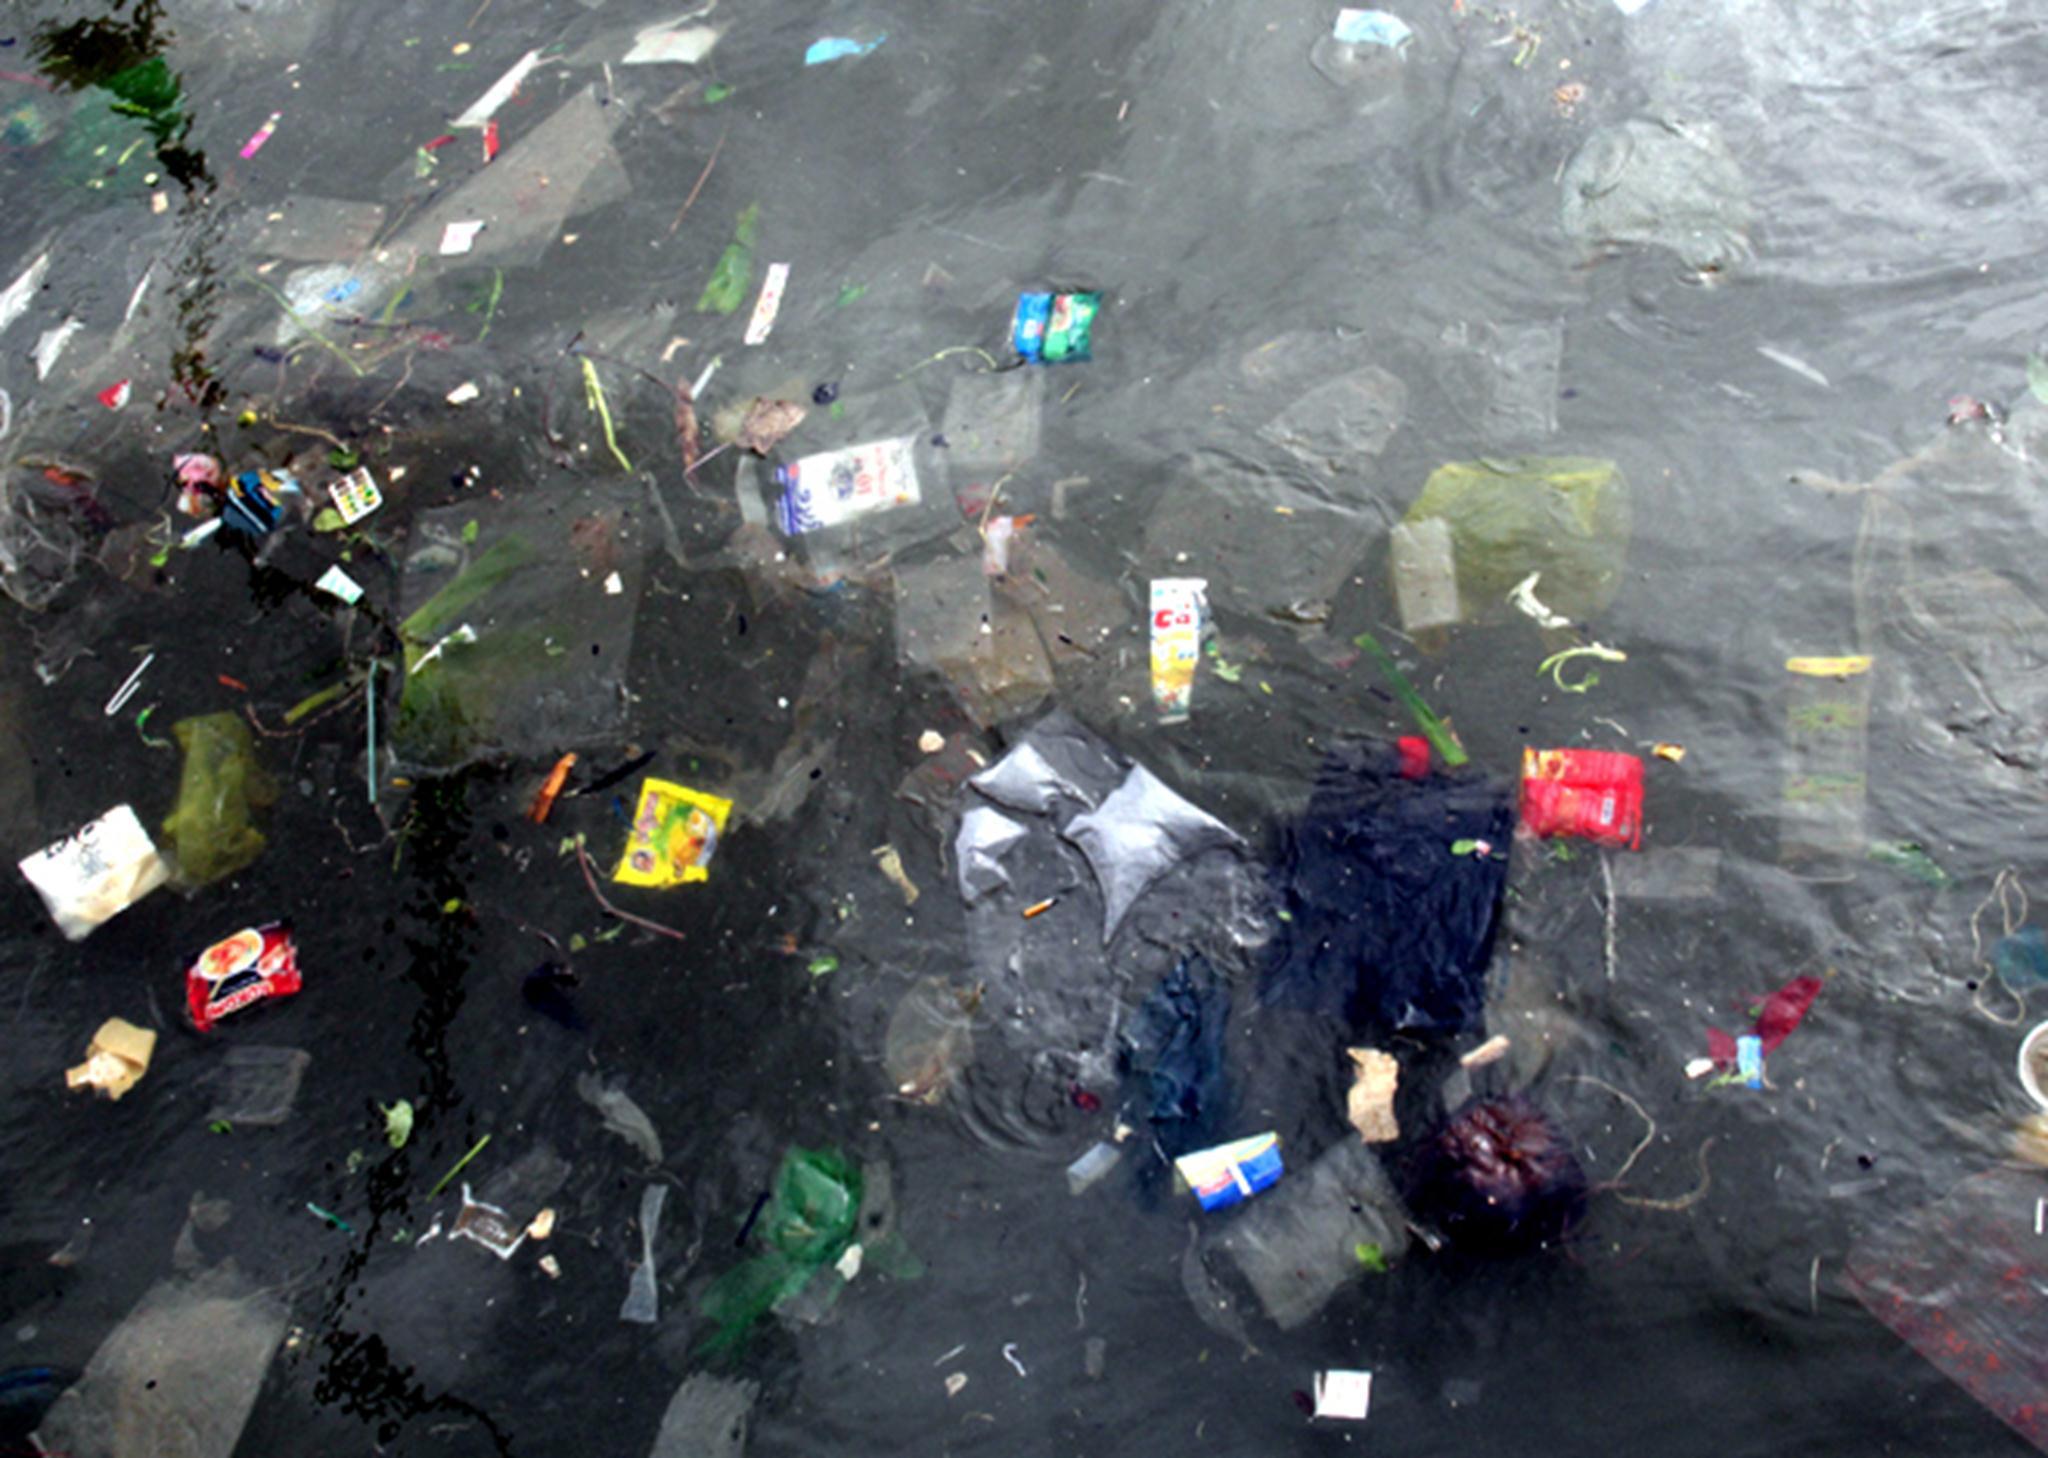 Theo người dân địa phương, những loại rác này chủ yếu do du khách mua đồ ăn bỏ bọc, hộp đem đến khu vực bãi biển ăn rồi vứt lại.